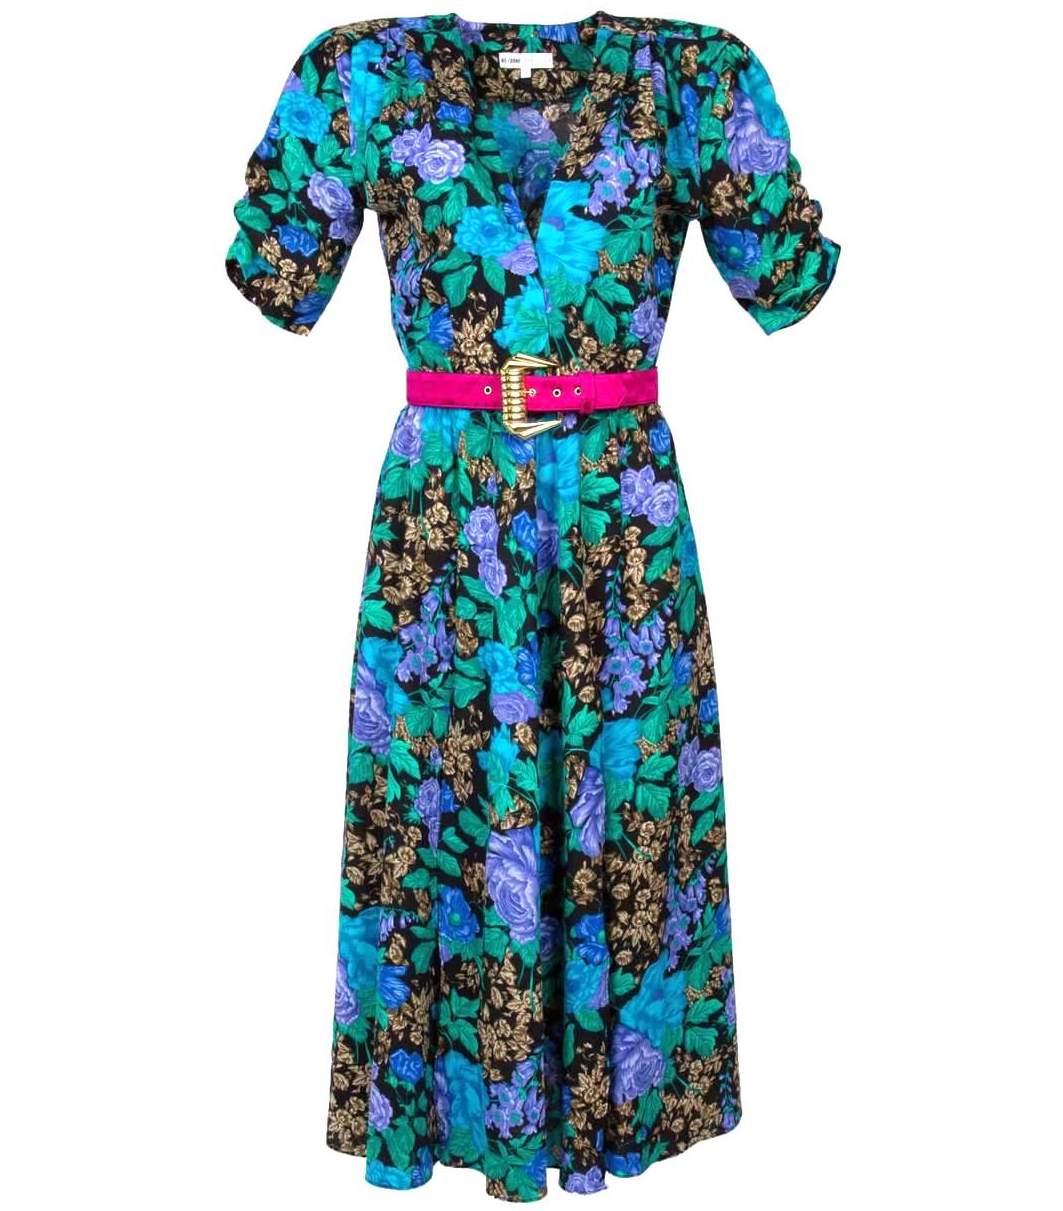 Front Slit Dress No. XSFSDAX20001